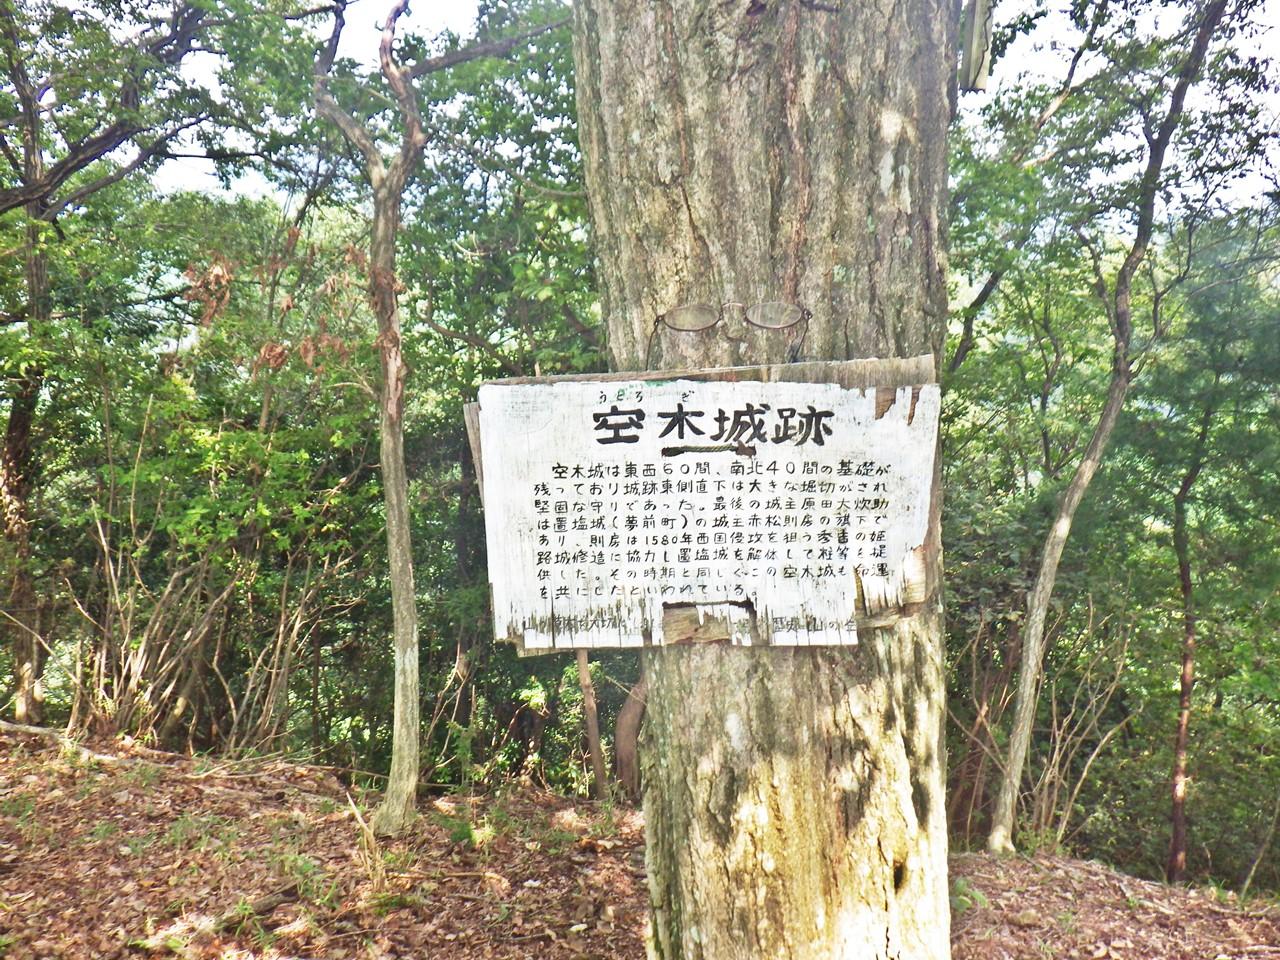 15a 空木城跡の説明版